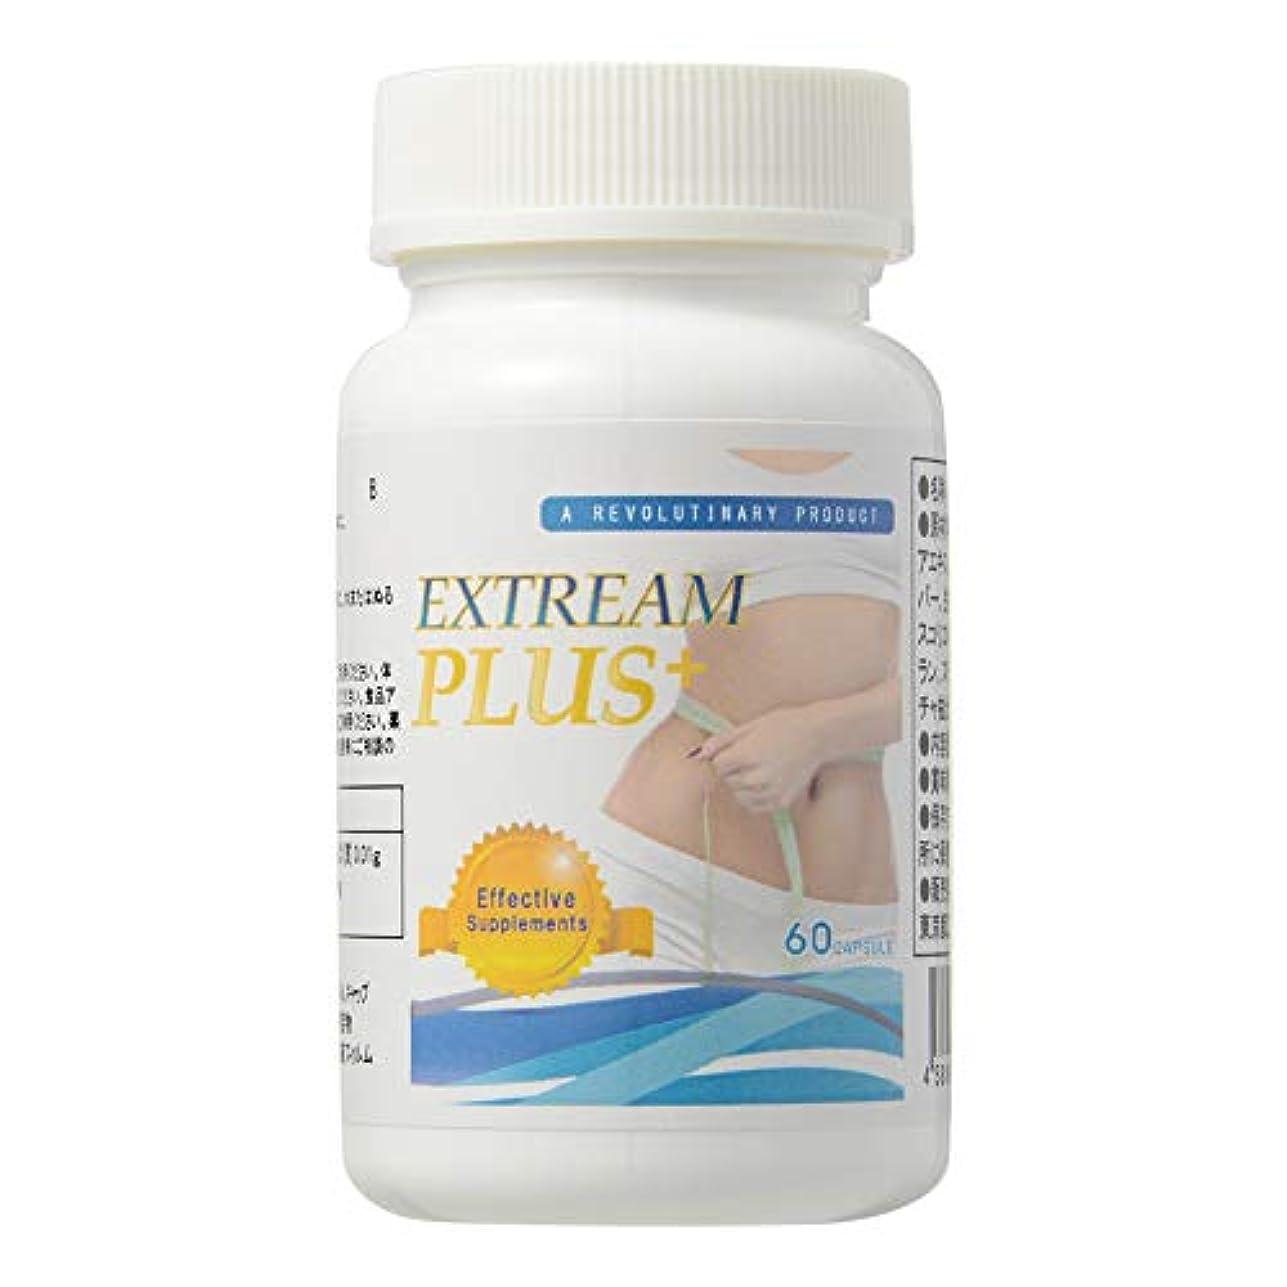 解明はっきりしない反抗Extream Plus (エクストリームプラス) 栄養補助食品 L-カルニチン サプリメント [250mg×60粒/ 説明書付き]